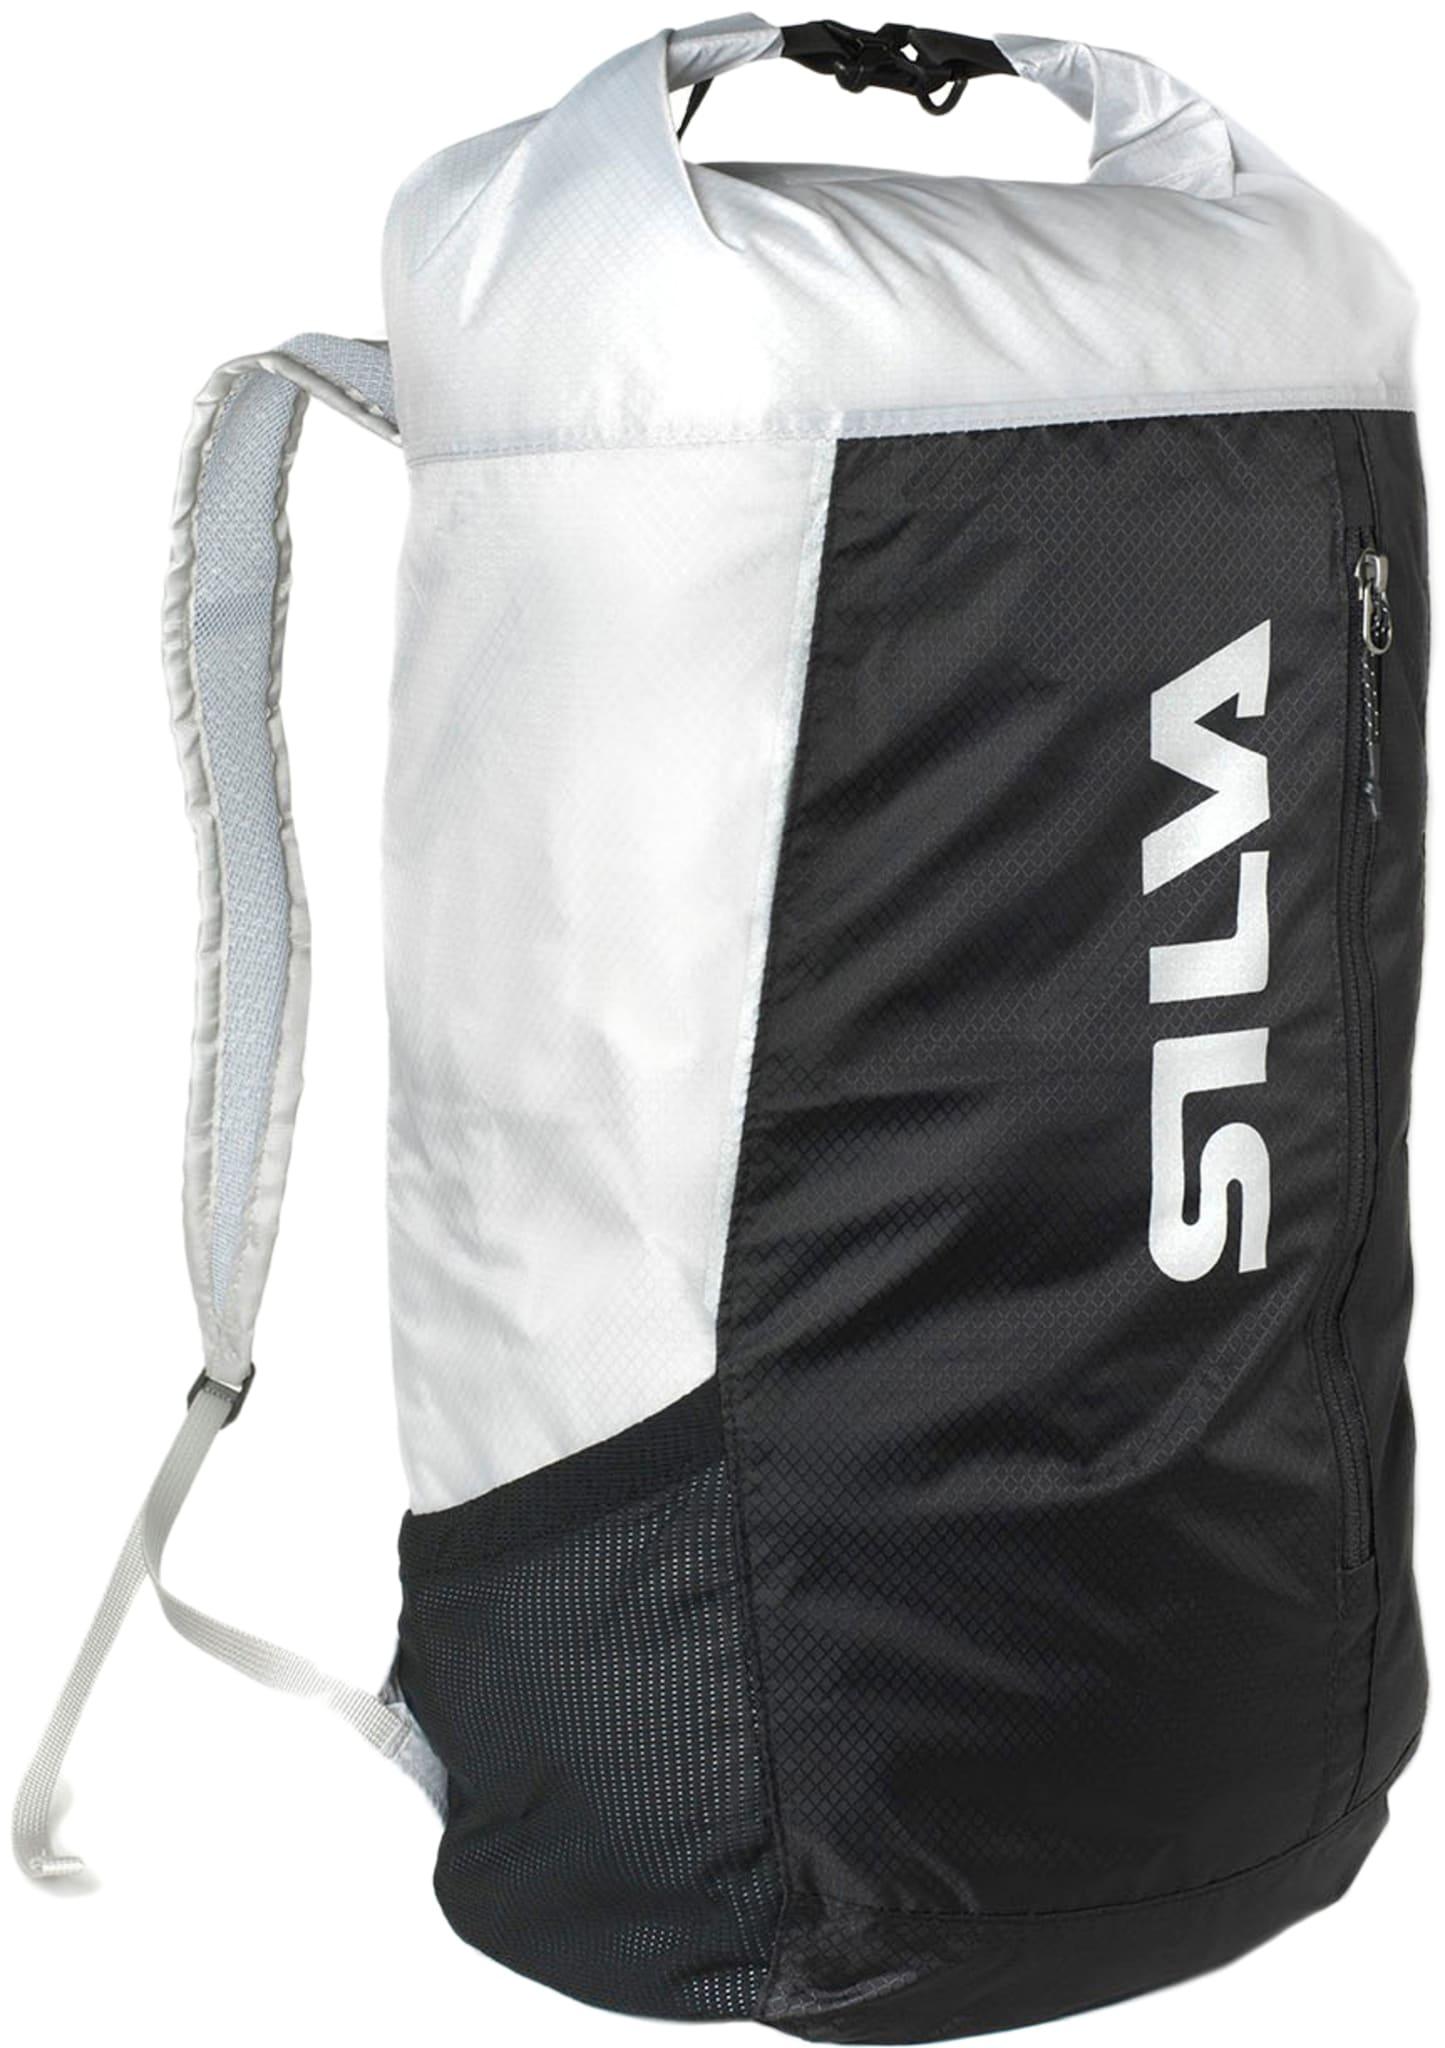 Waterproof Backpack 23L